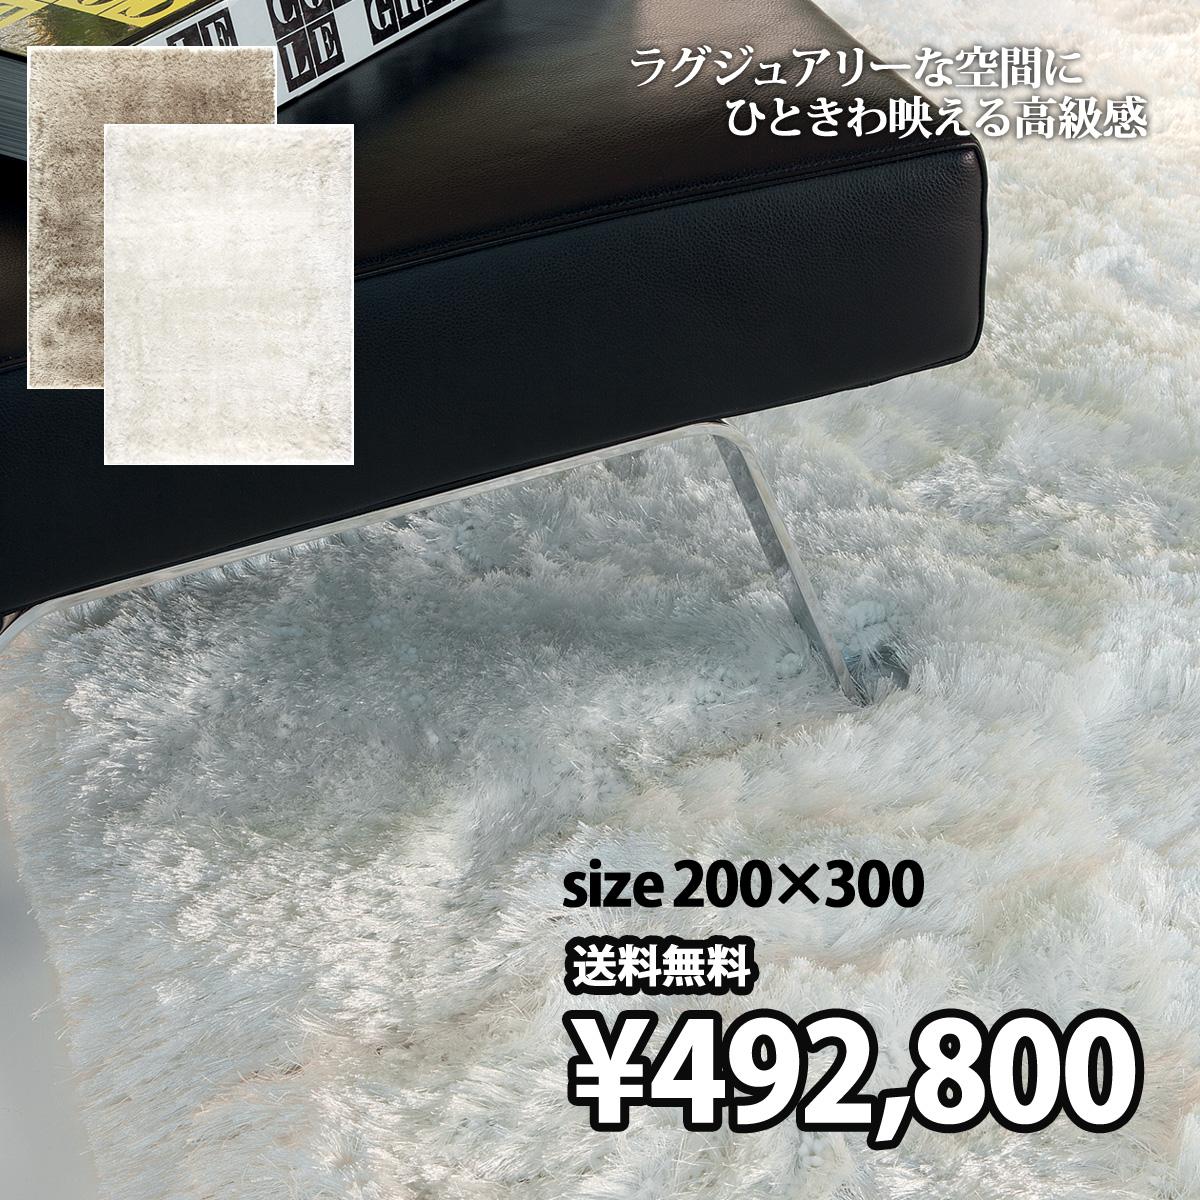 最高級の品質。斬新なデザインと新しいスタイルのラグ 200×300 インポート ハンドメイド セミオーダー ラグ マット カーペット-LIGNE PURE-adore 207.001.100,900 【li】